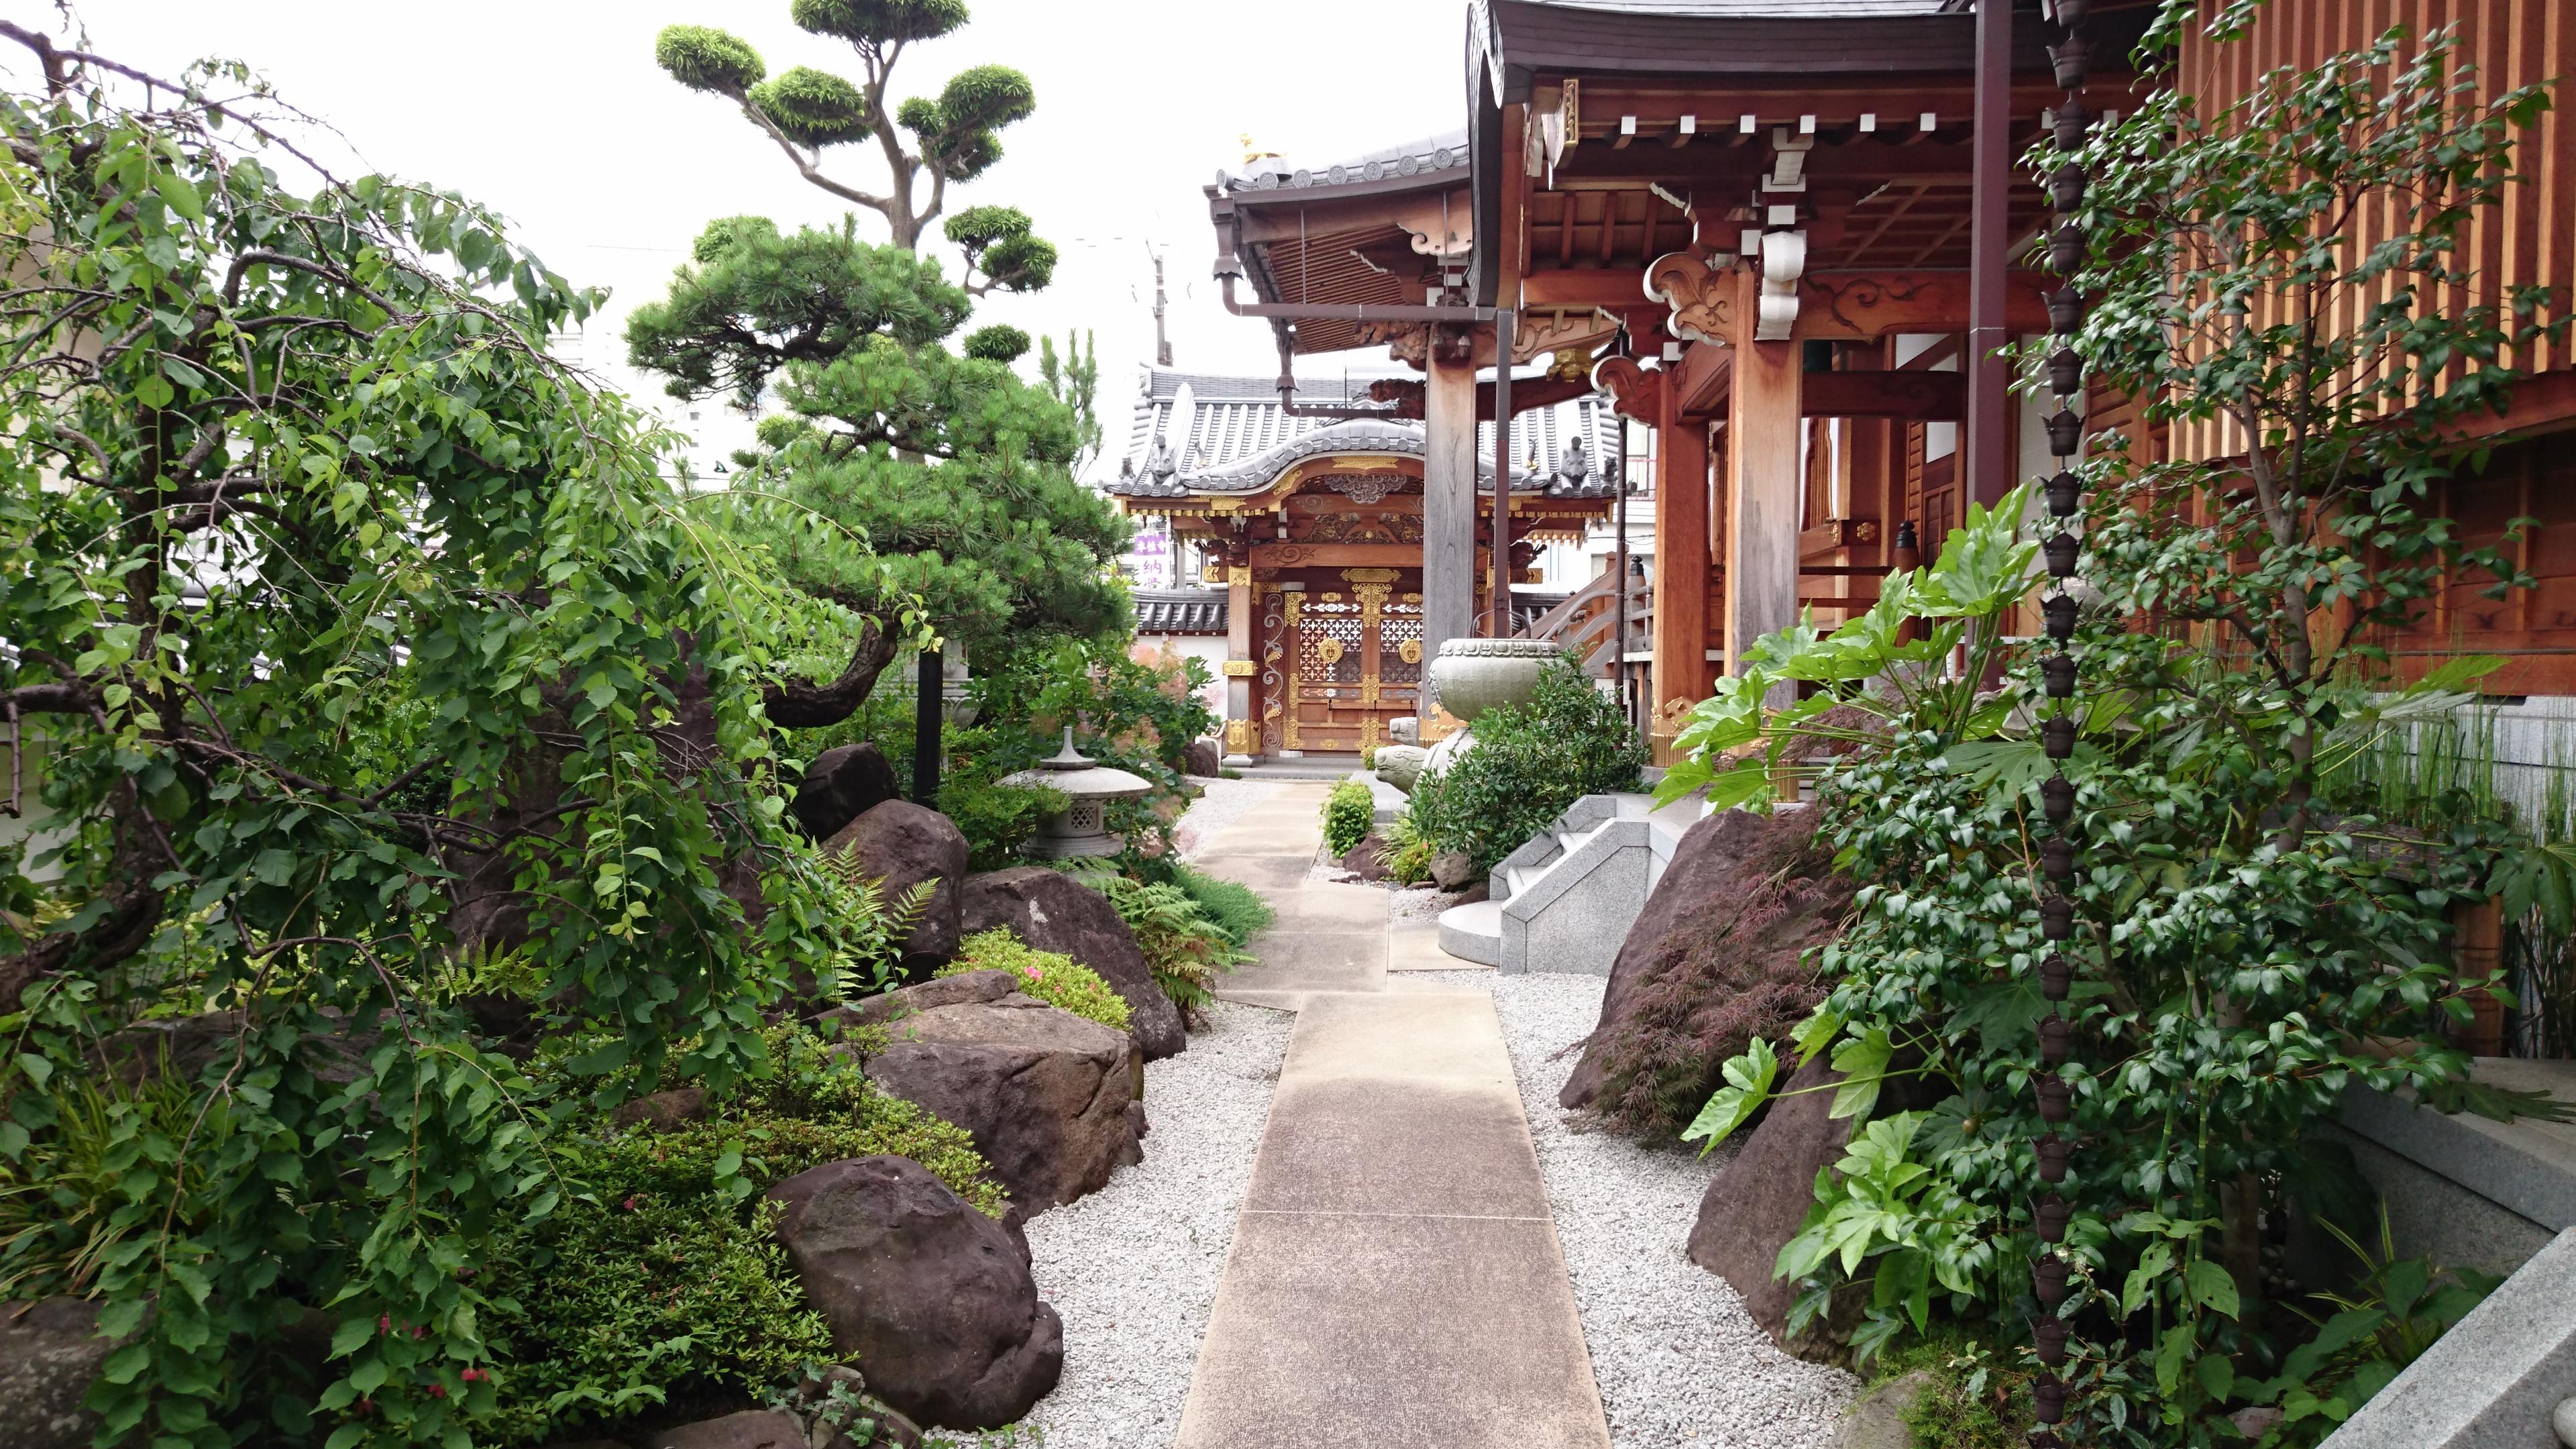 本性寺の庭園